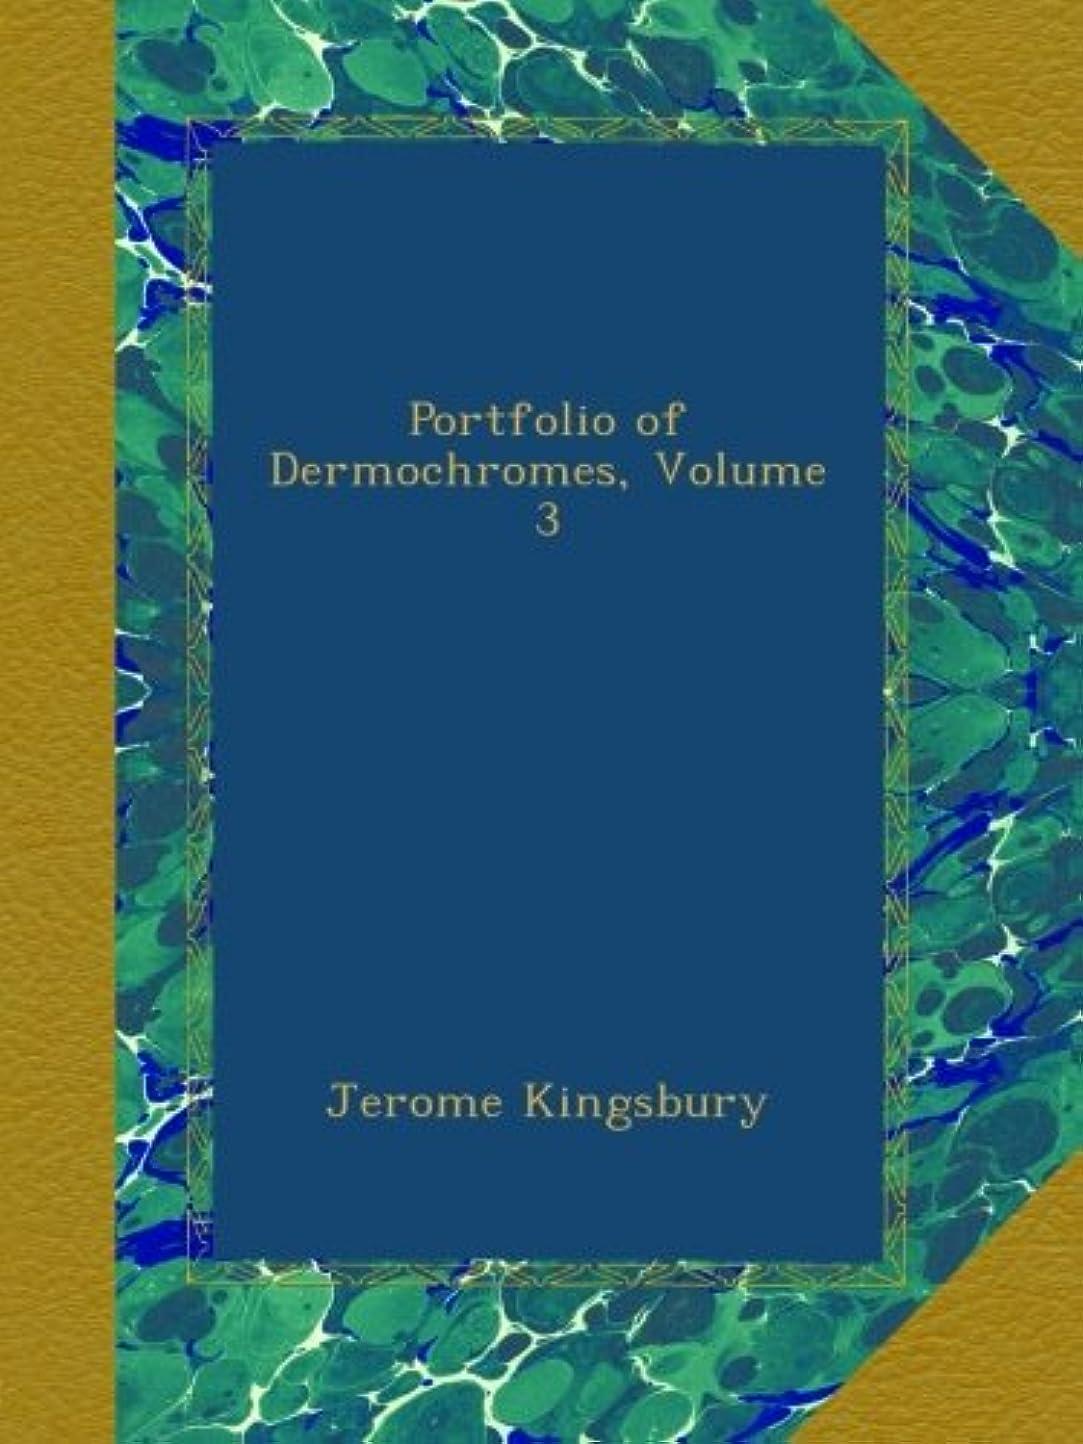 大使館介入する魔術師Portfolio of Dermochromes, Volume 3